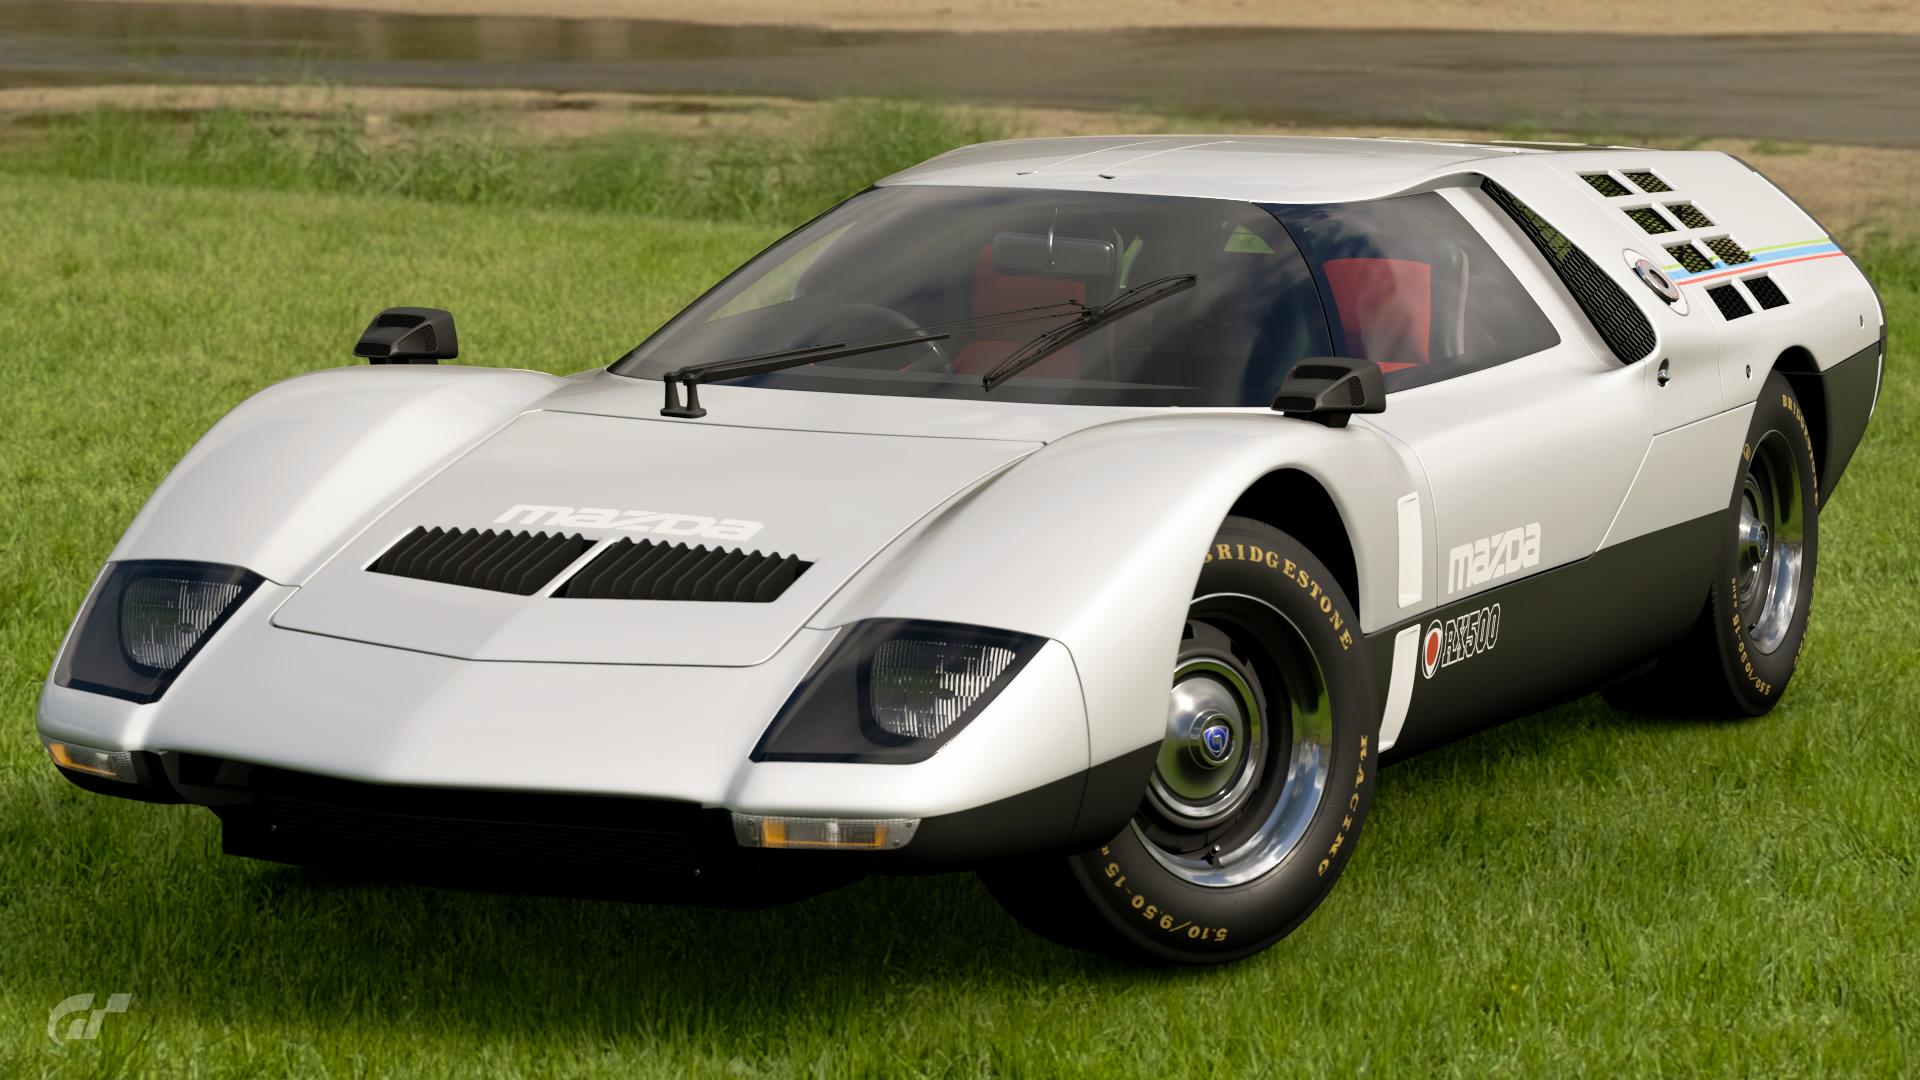 Spec Racer Ford >> Mazda RX500 '70   Gran Turismo Wiki   FANDOM powered by Wikia